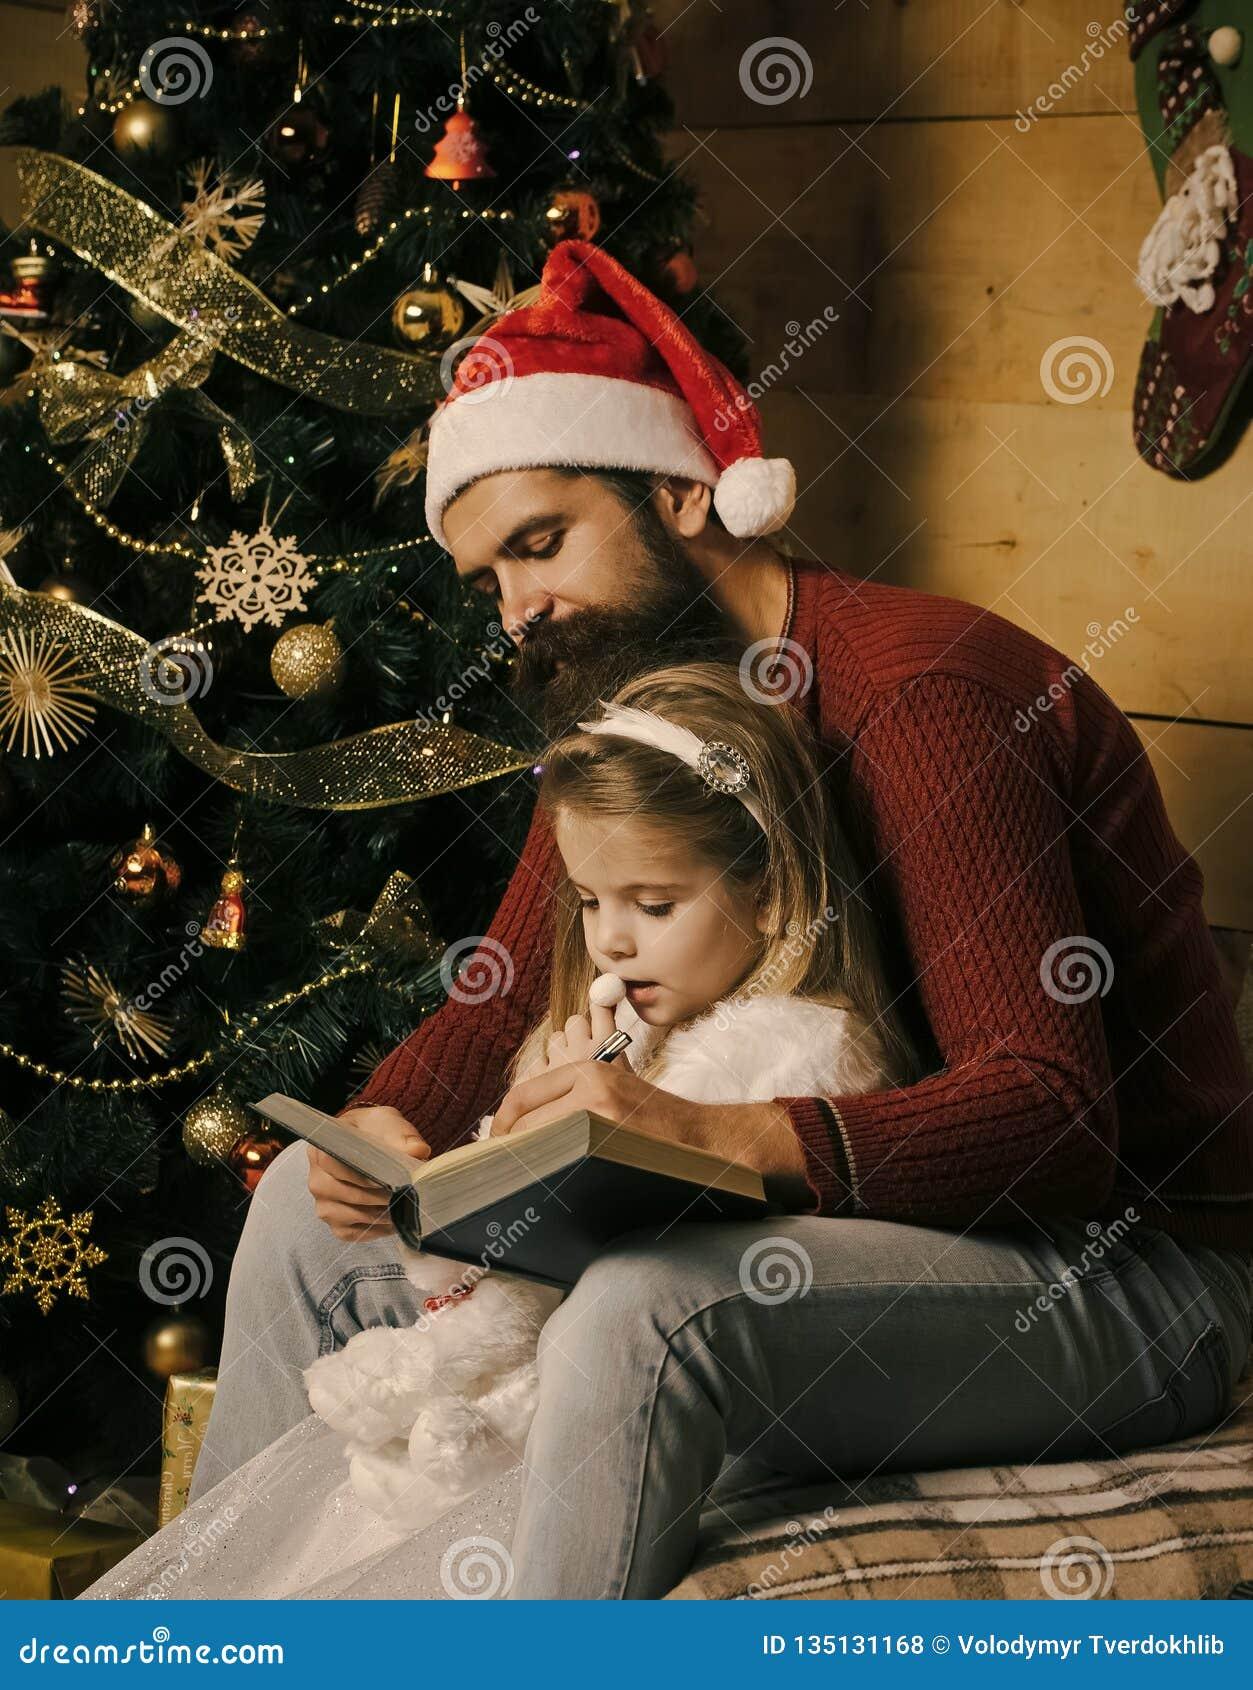 Santa claus kid and bearded man at Christmas tree.